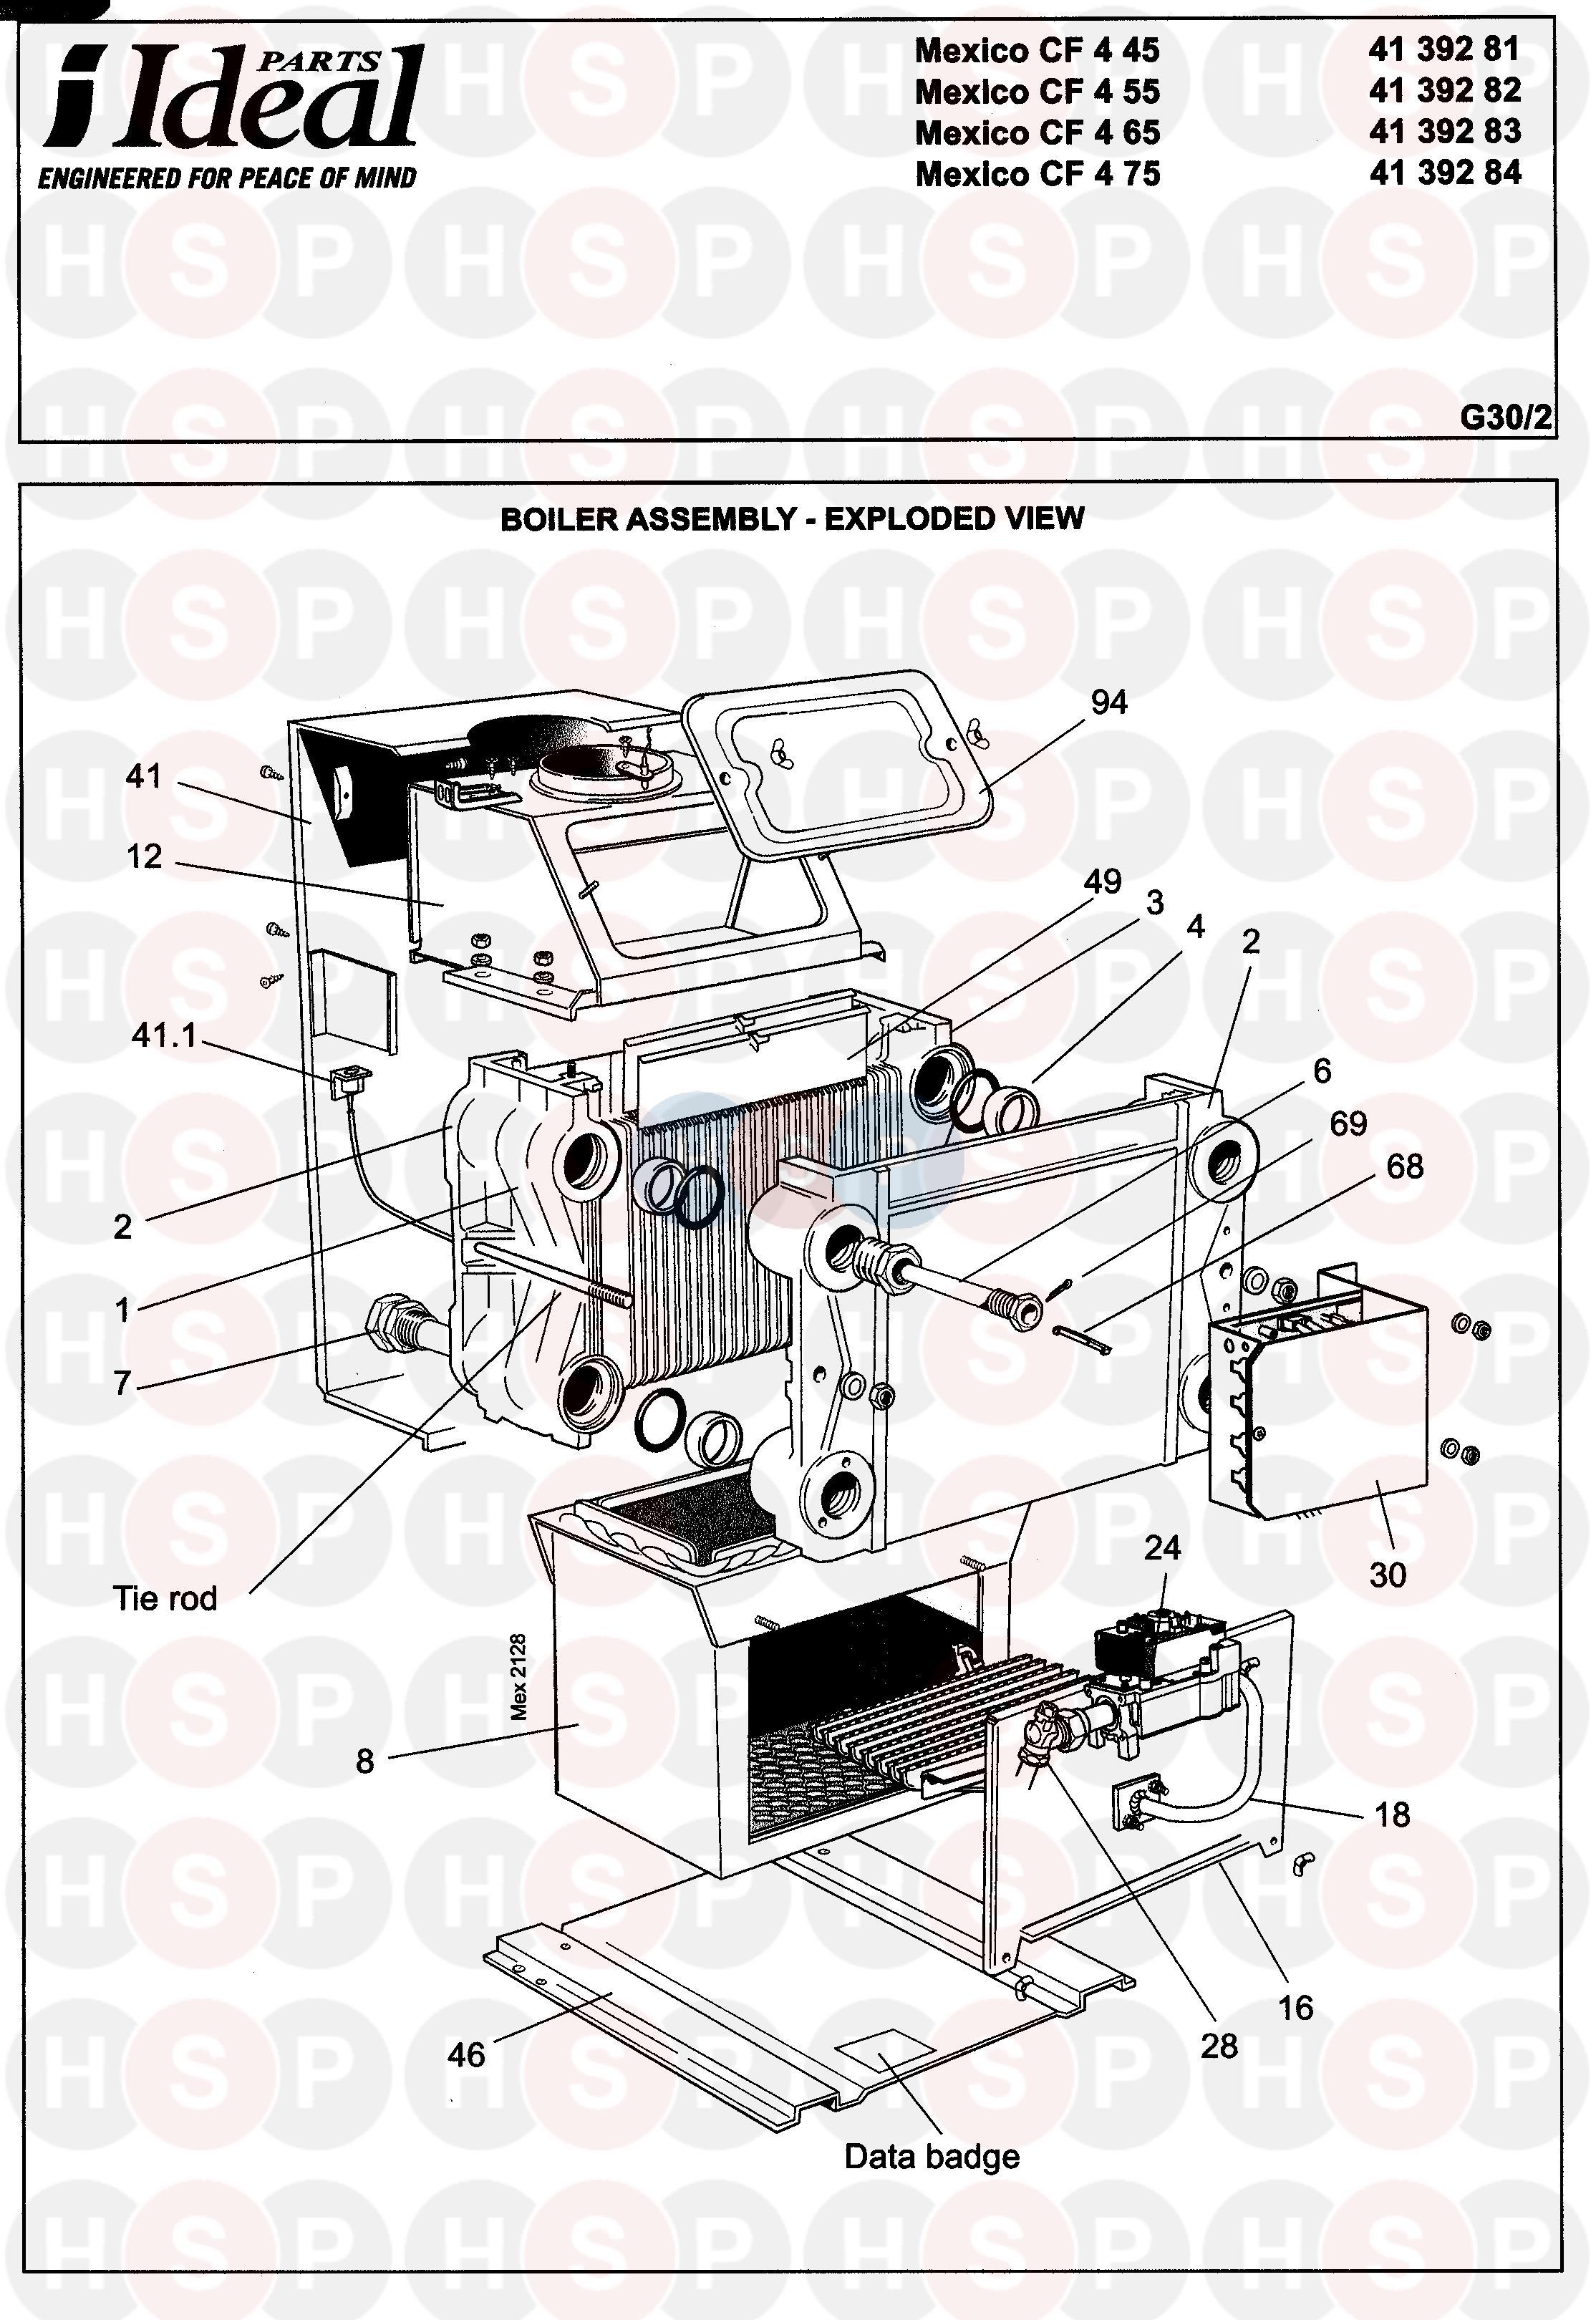 ideal mexico cf 4 95  boiler 1  diagram